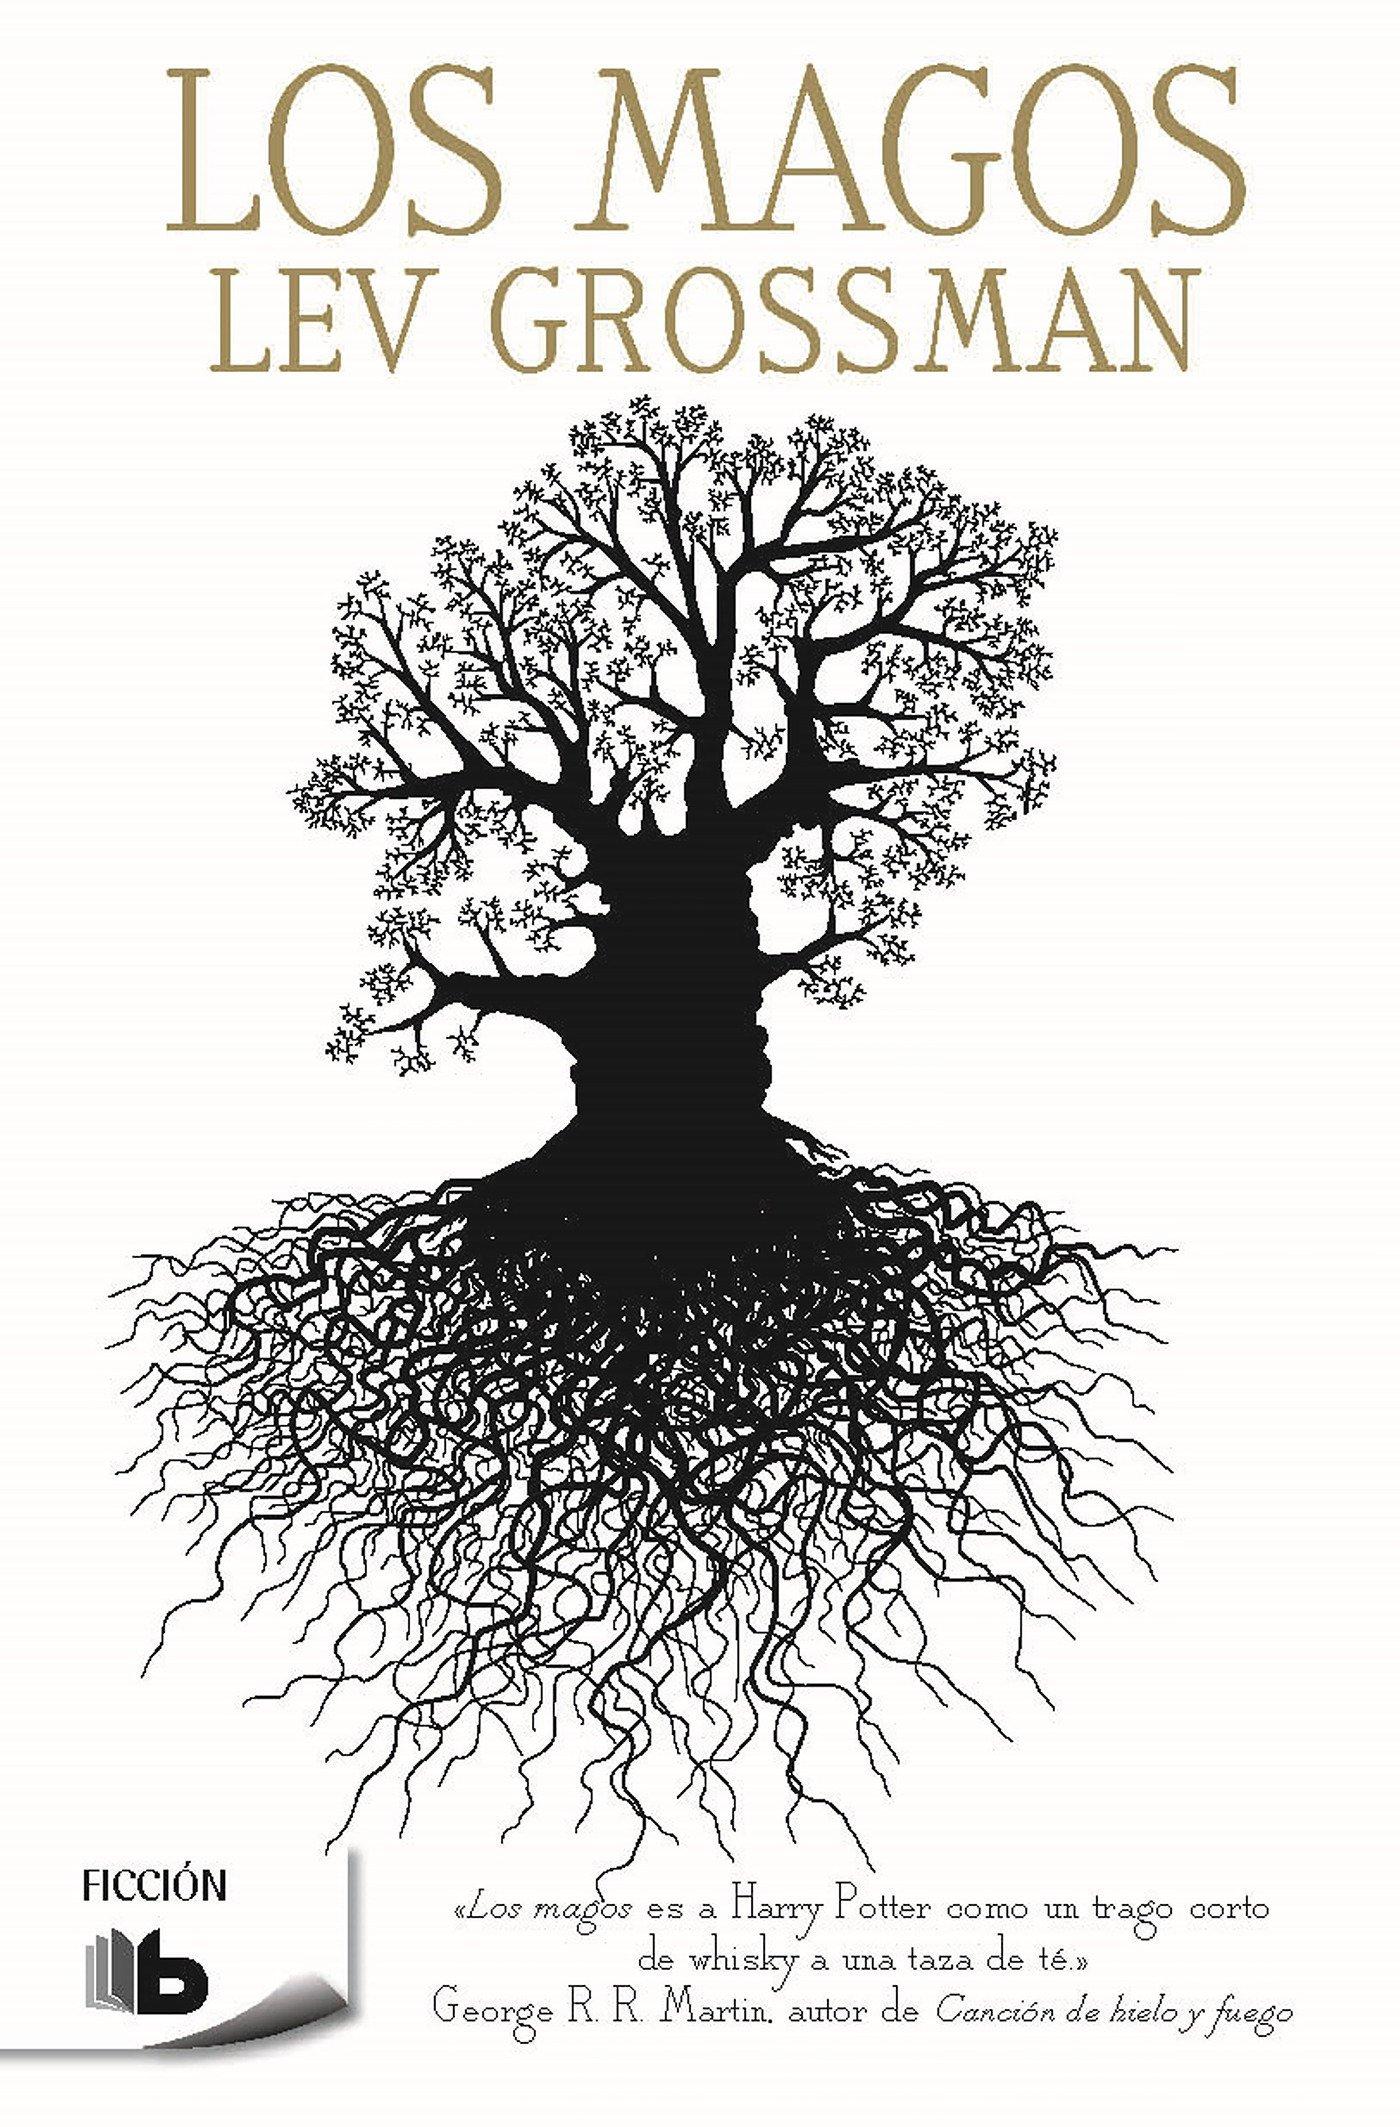 Los magos (Trilogía Los Magos 1) (B DE BOLSILLO) Tapa blanda – 14 oct 2015 Lev Grossman B de Bolsillo (Ediciones B) 8490701318 Fantasy - General